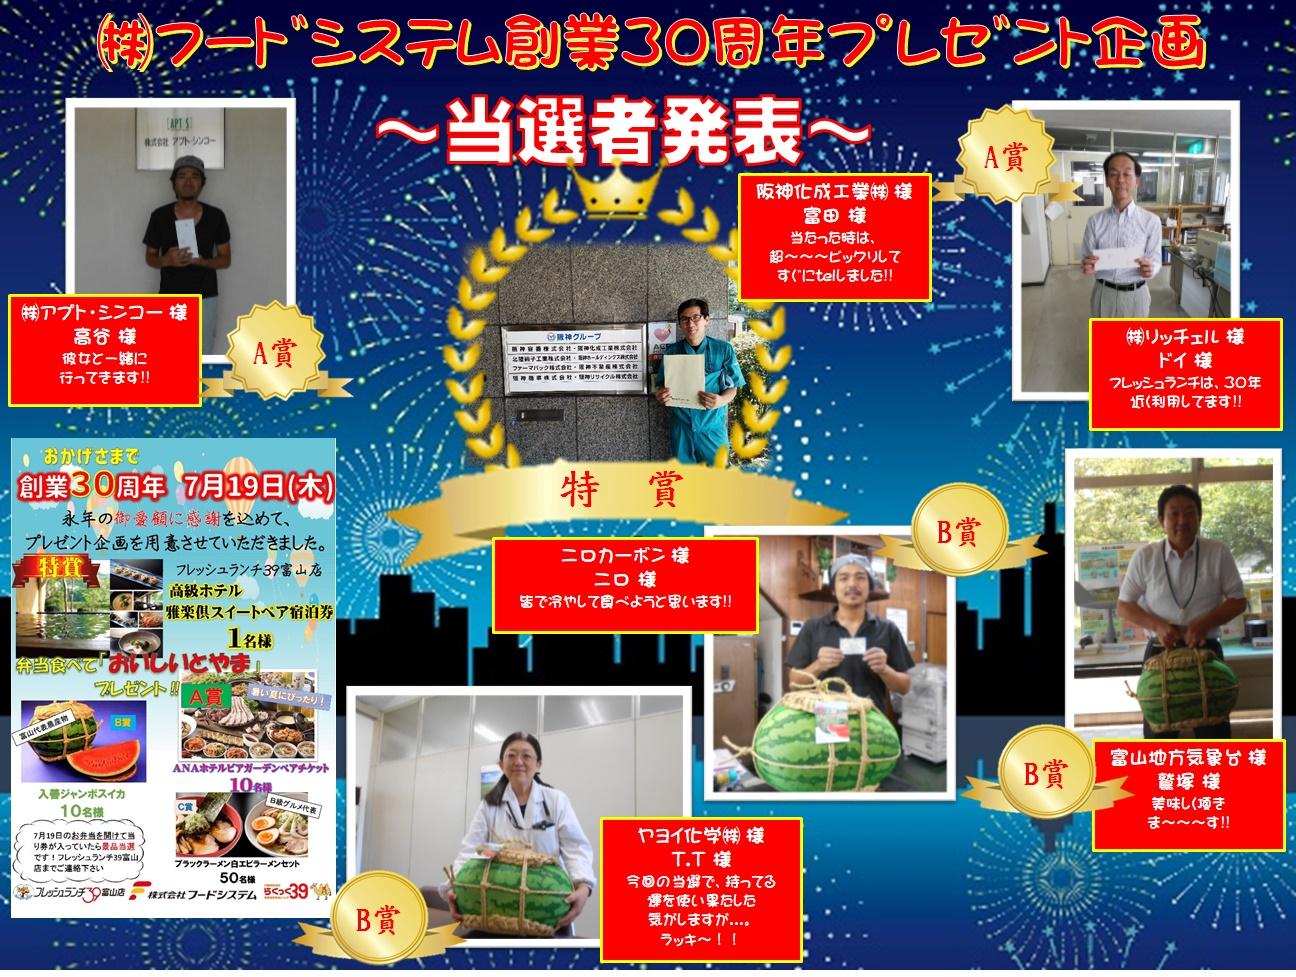 創業30周年プレゼント企画~当選者発表~